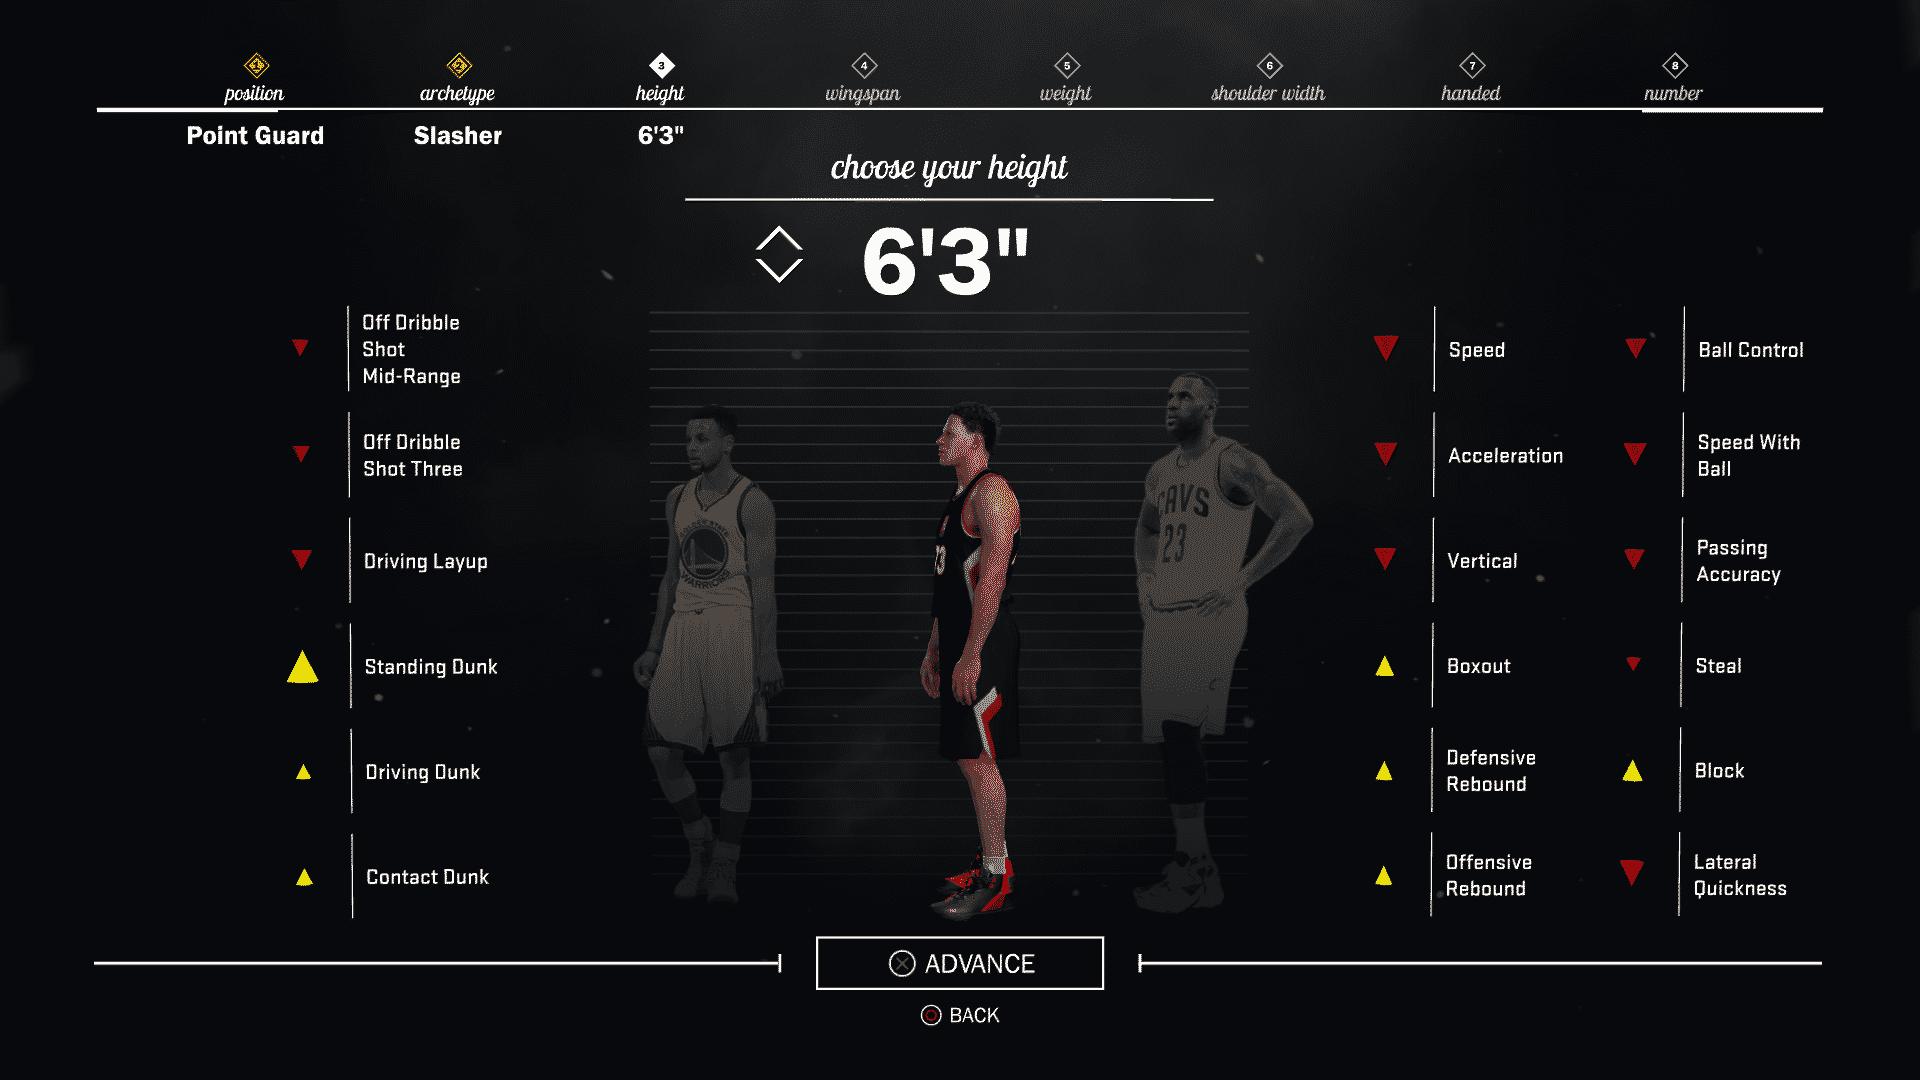 2-NBA 2K17_MyCareer_Height